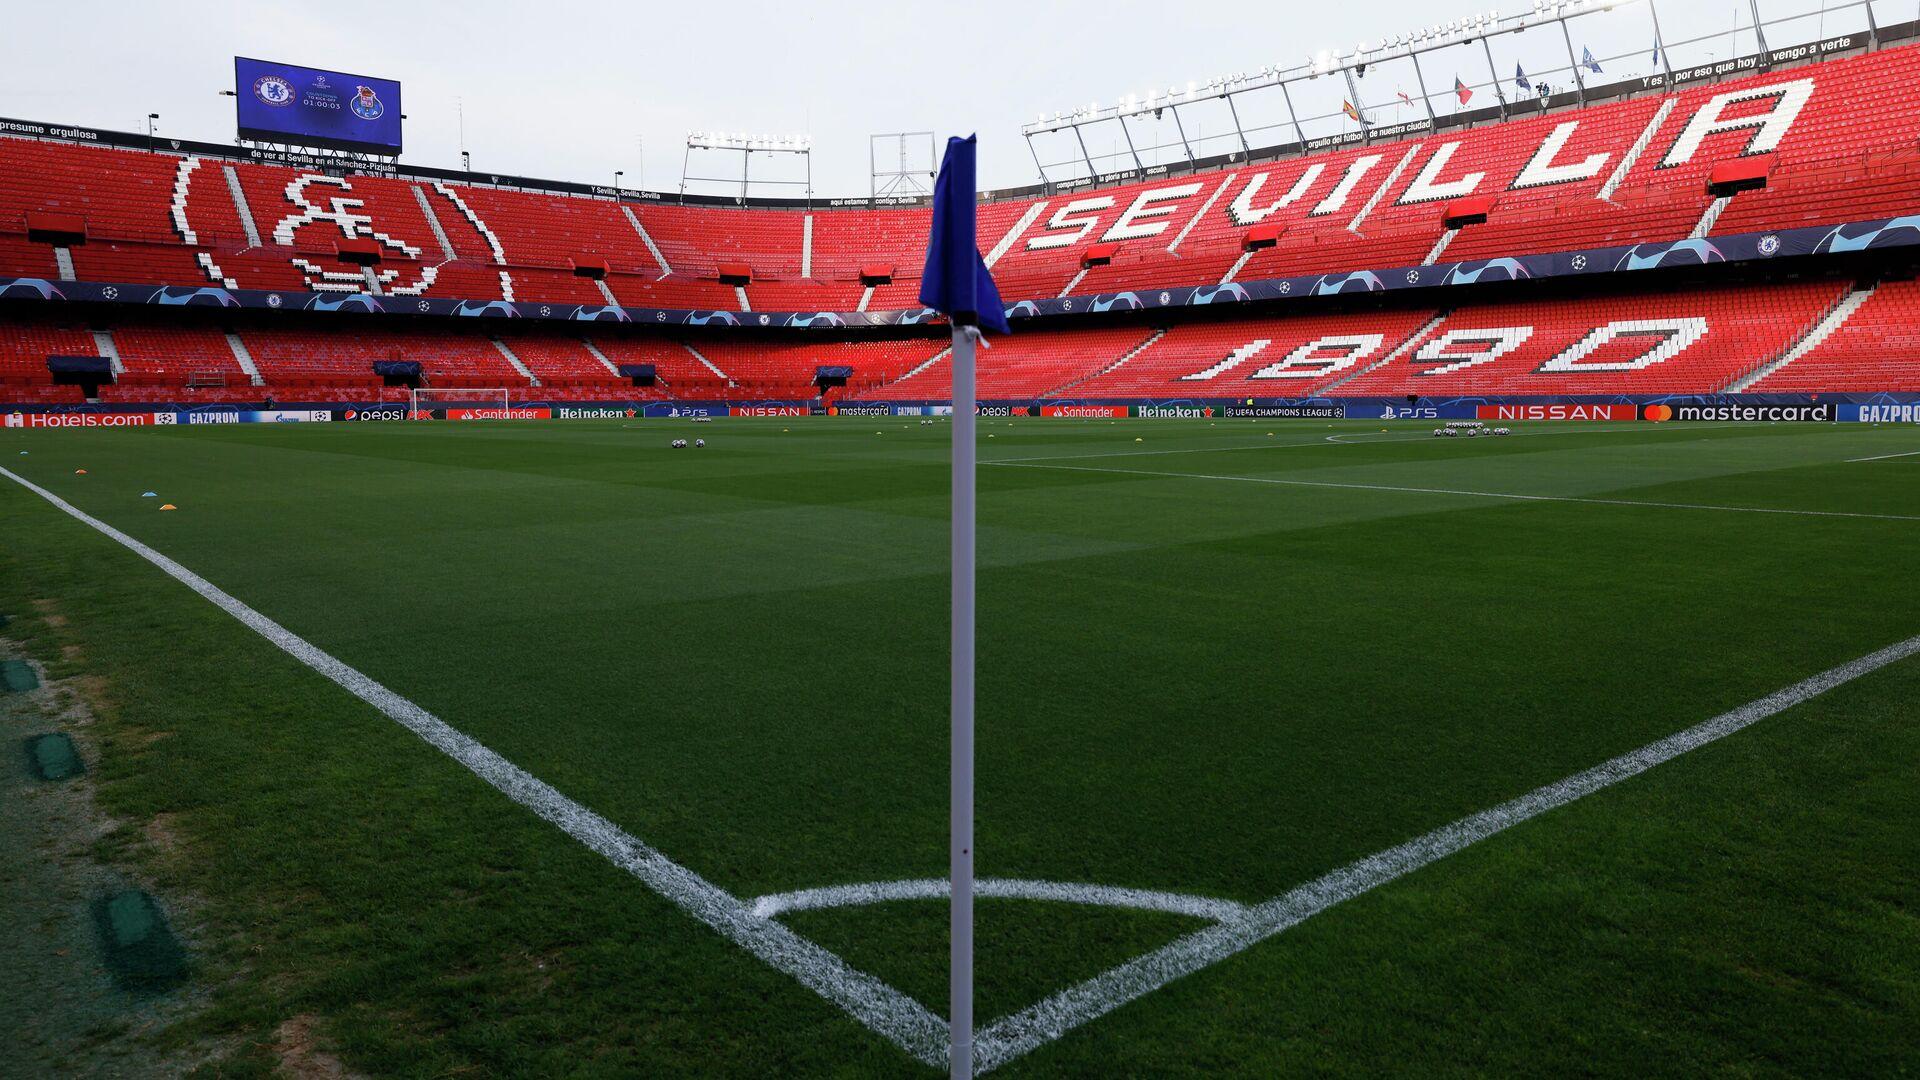 Un estadio de fútbol (imagen referencial) - Sputnik Mundo, 1920, 15.04.2021